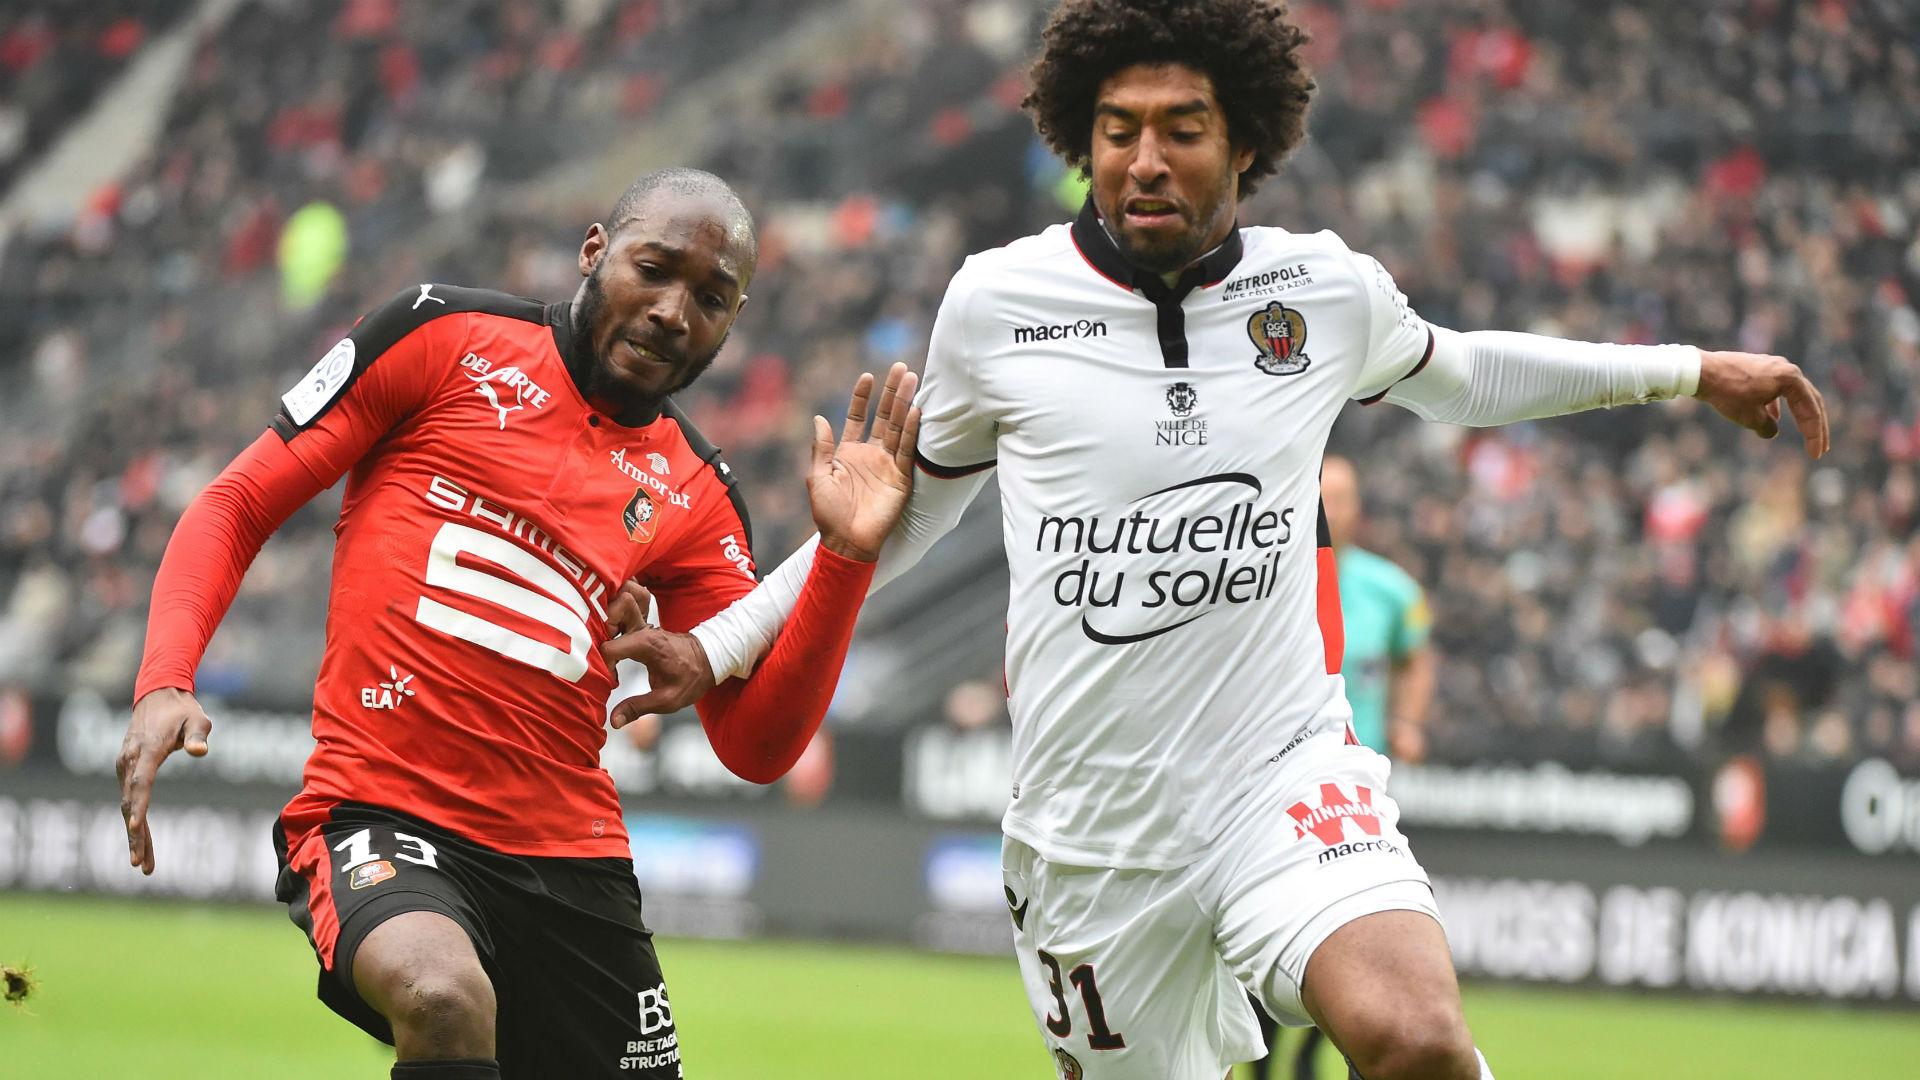 Dante Giovanni Sio Rennes Nice Ligue 1 12022017